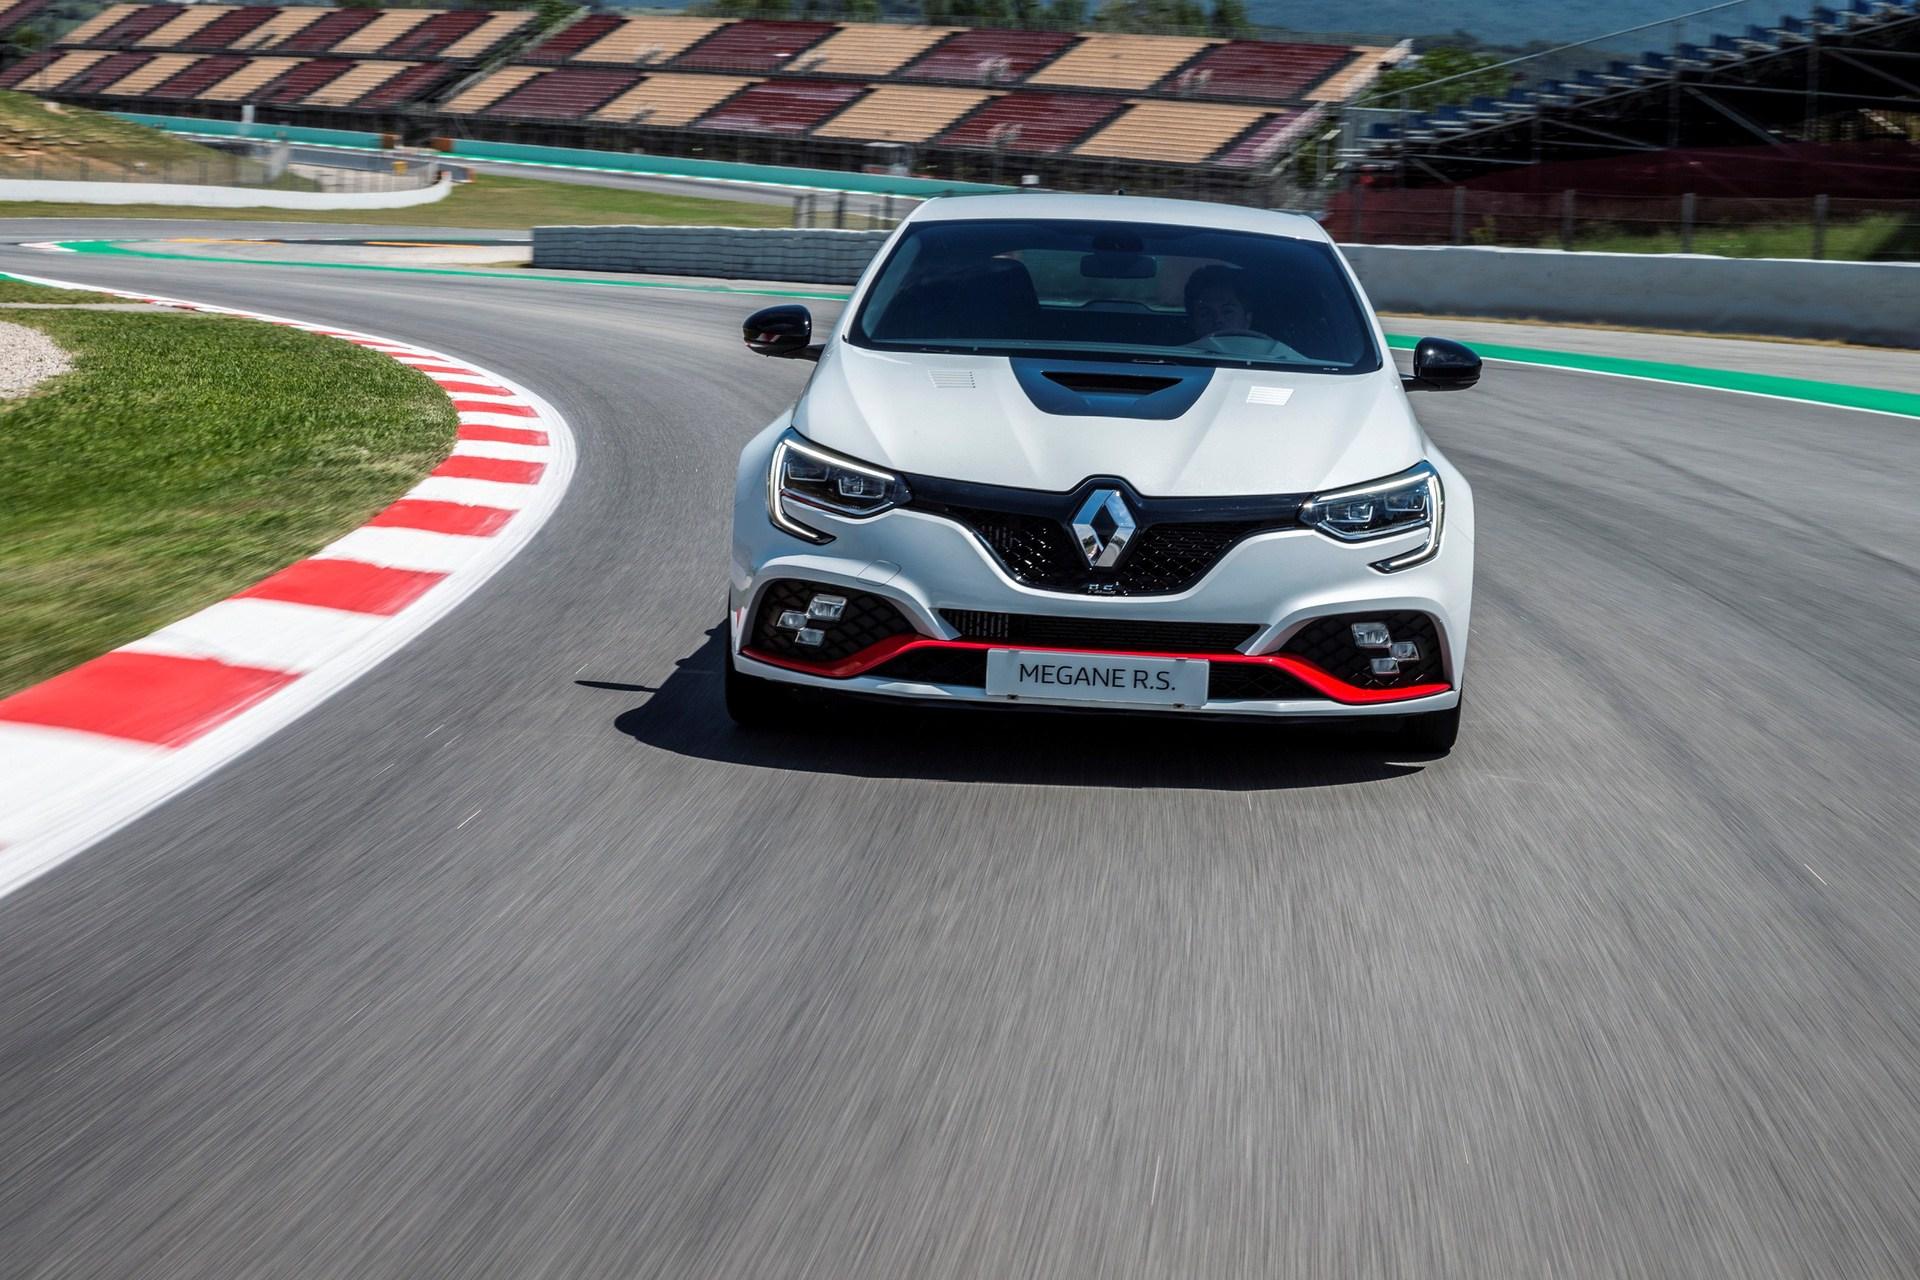 2019 - Nouvelle Renault MÉGANE R.S. TROPHY-R